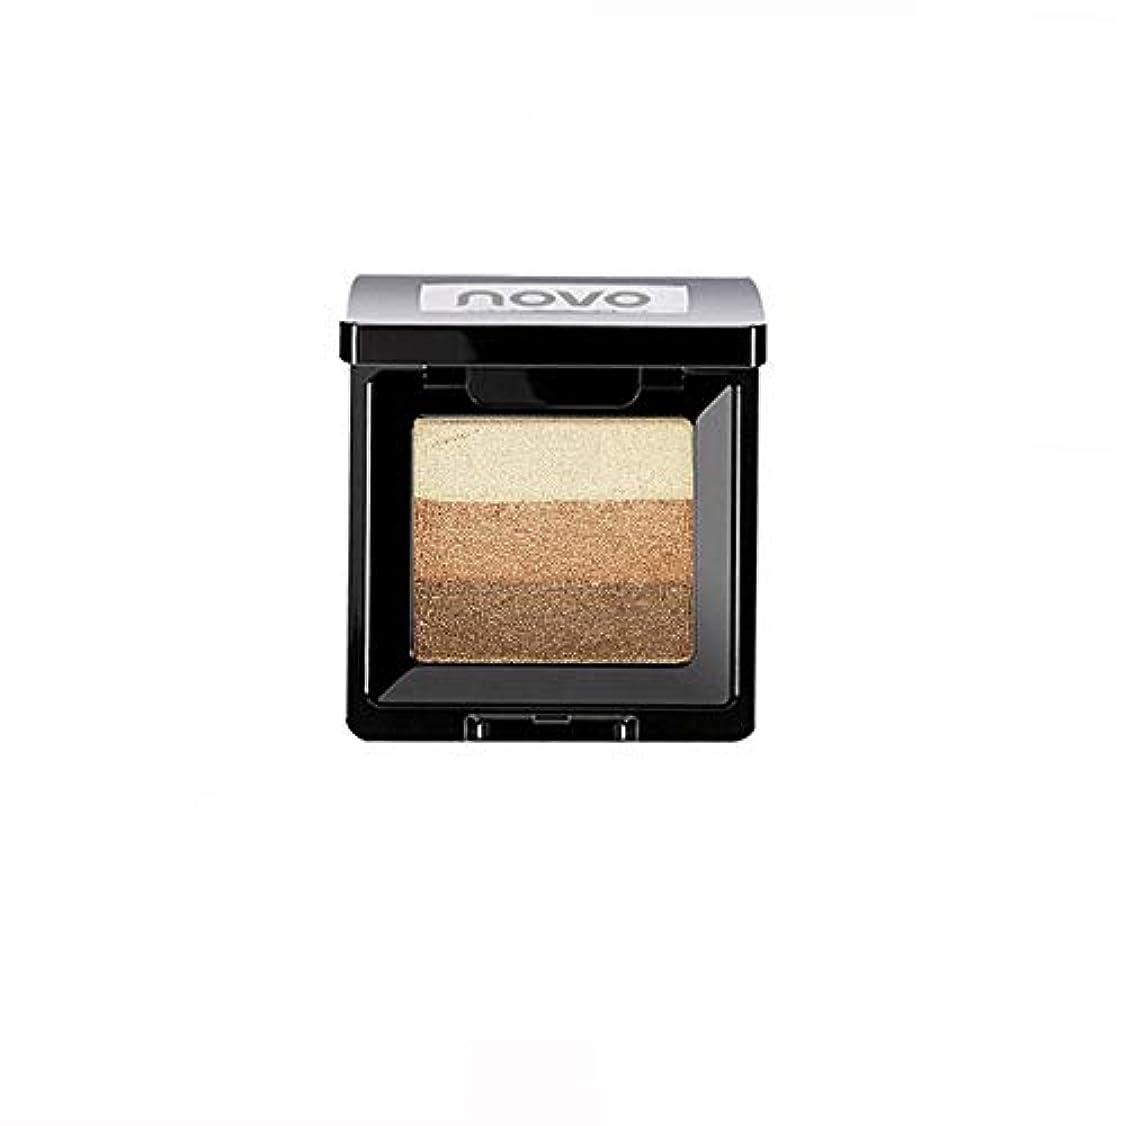 ゲインセイ鏡熟したAkane アイシャドウパレット NOVO ファッション 魅力的 3色 グラデーション 人気 綺麗 マット チャーム つや消し 真珠光沢 長持ち おしゃれ 持ち便利 Eye Shadow (8種類)